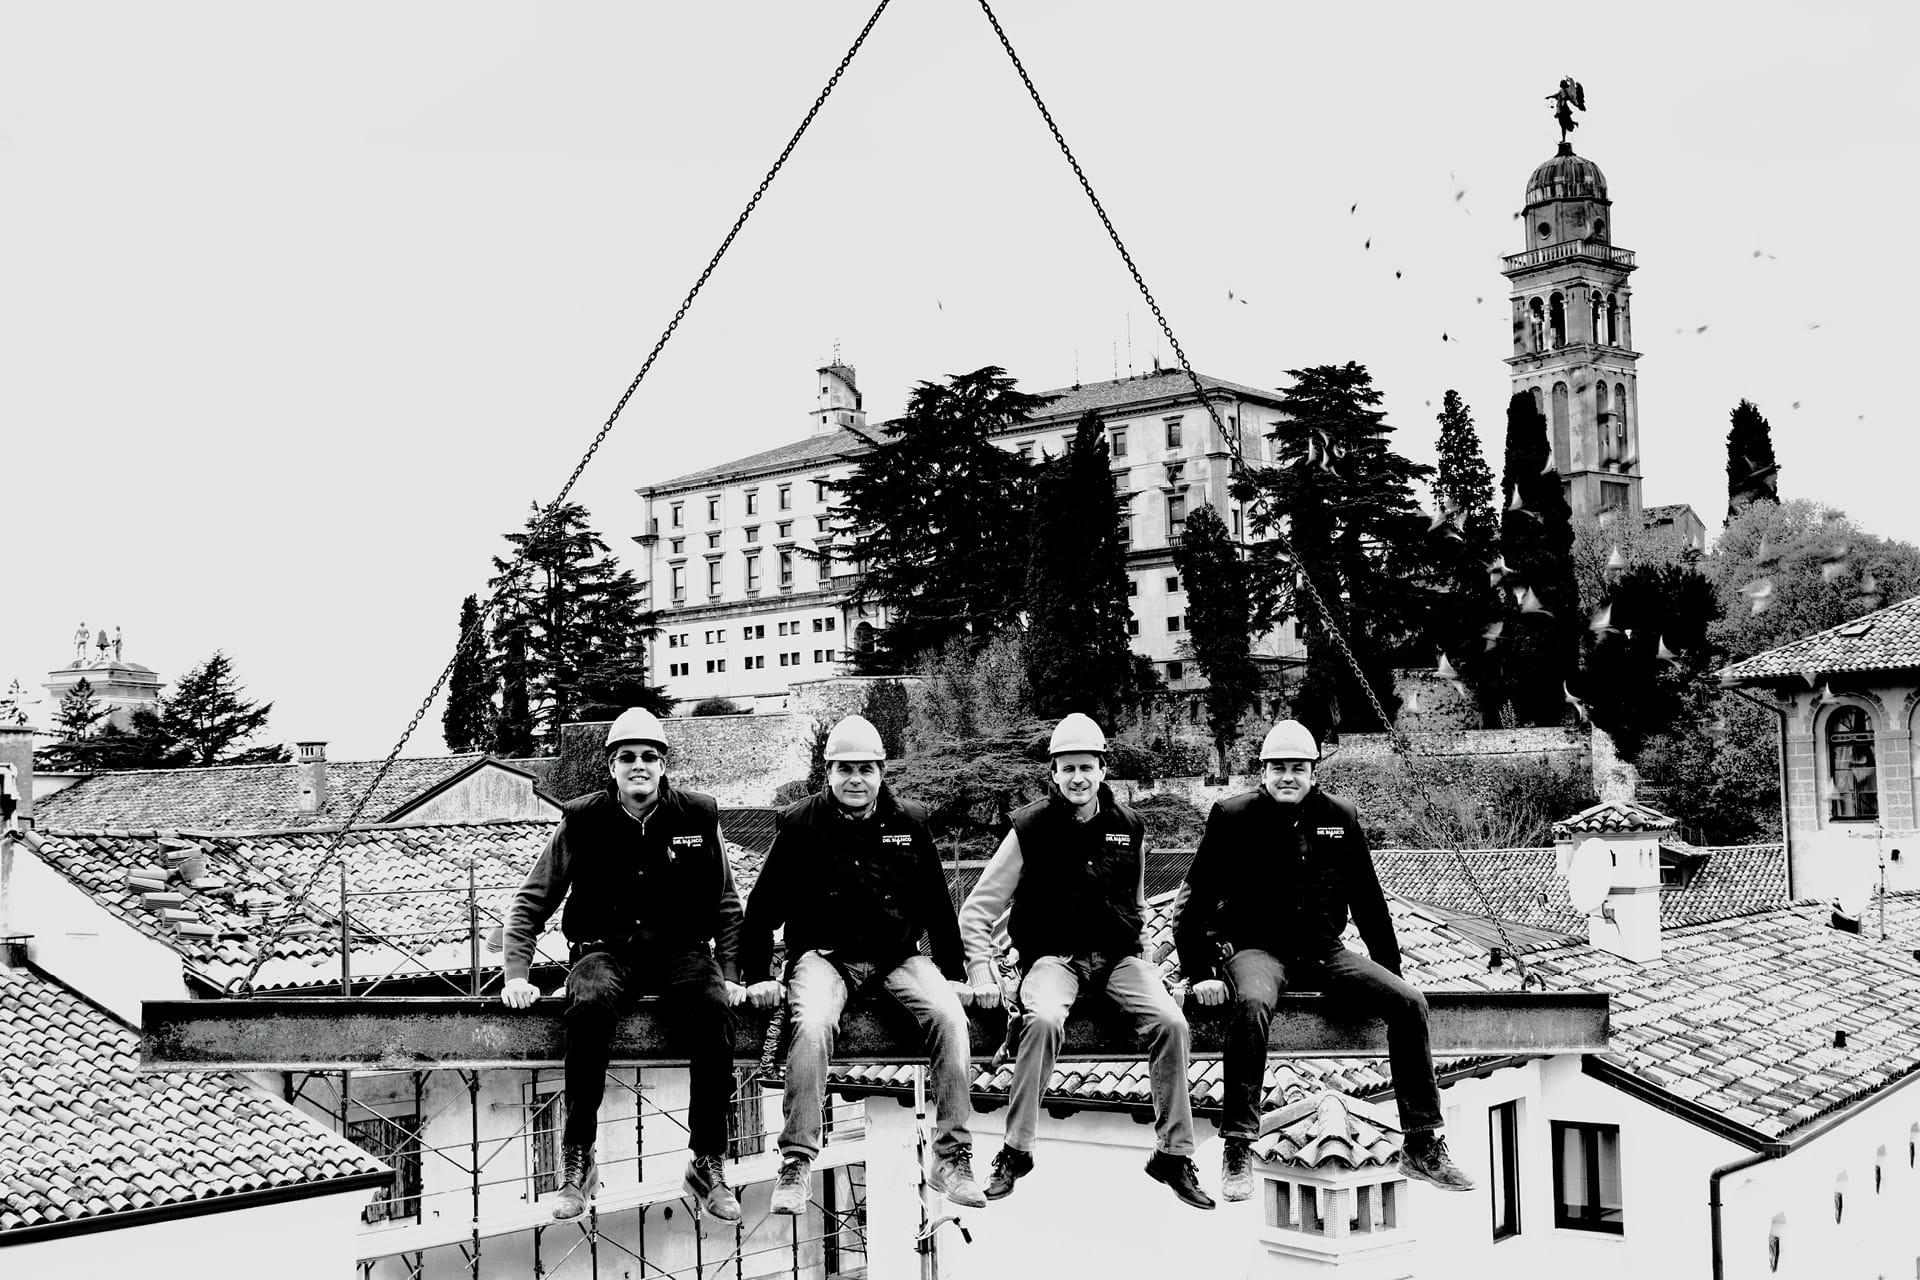 Una foto sortija degli operai edili dell'impresa Del Bianco Costruzioni